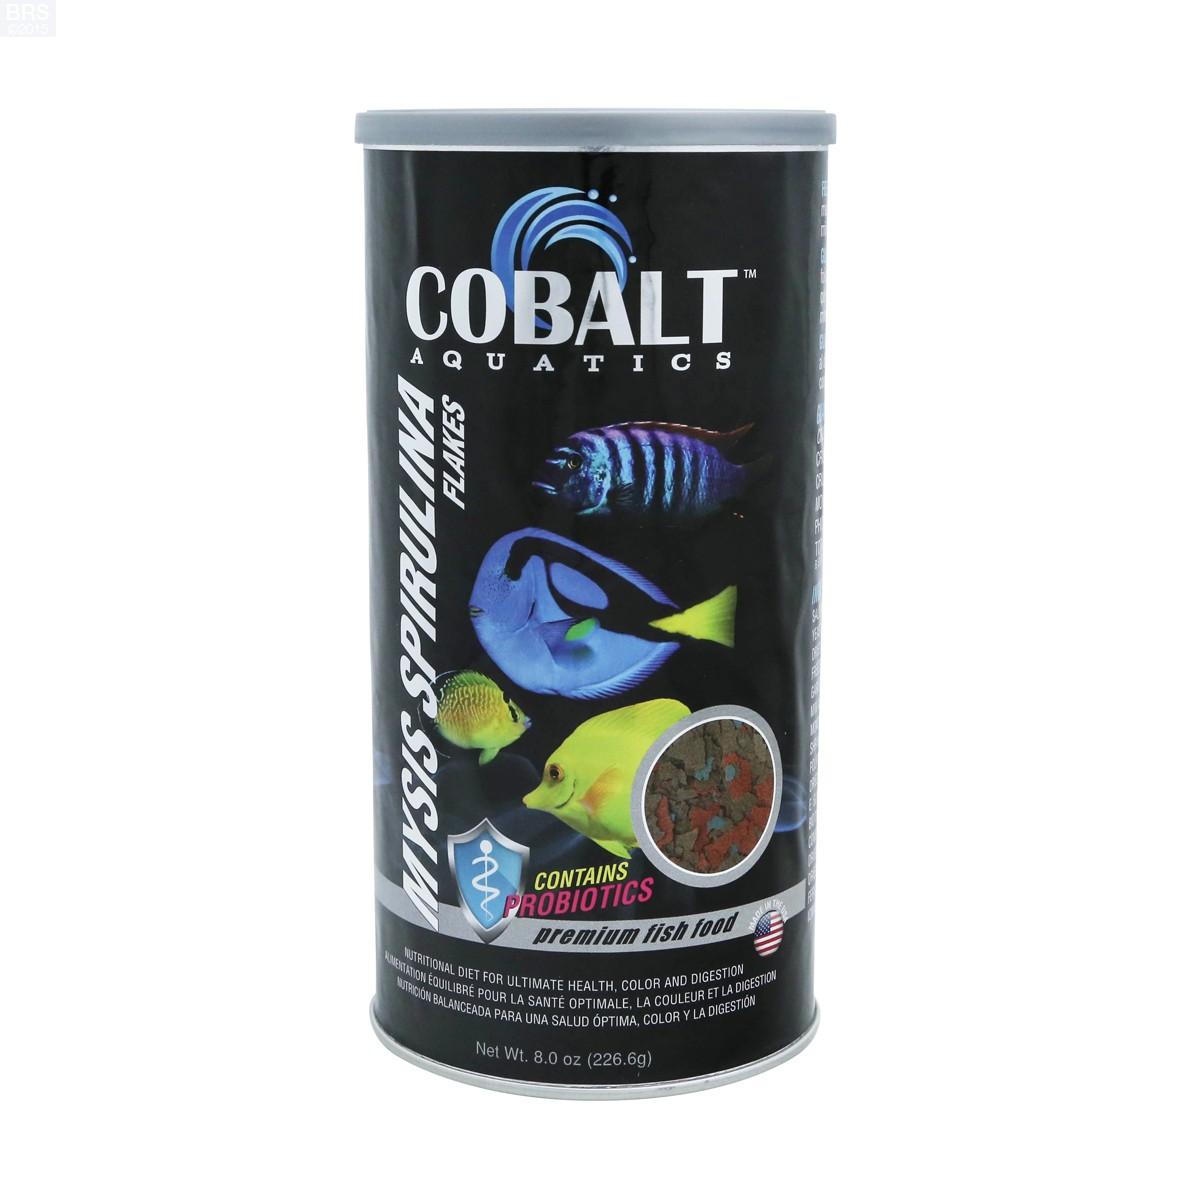 Cobalt aquatics mysis spirulina flakes fish food for Spirulina fish food